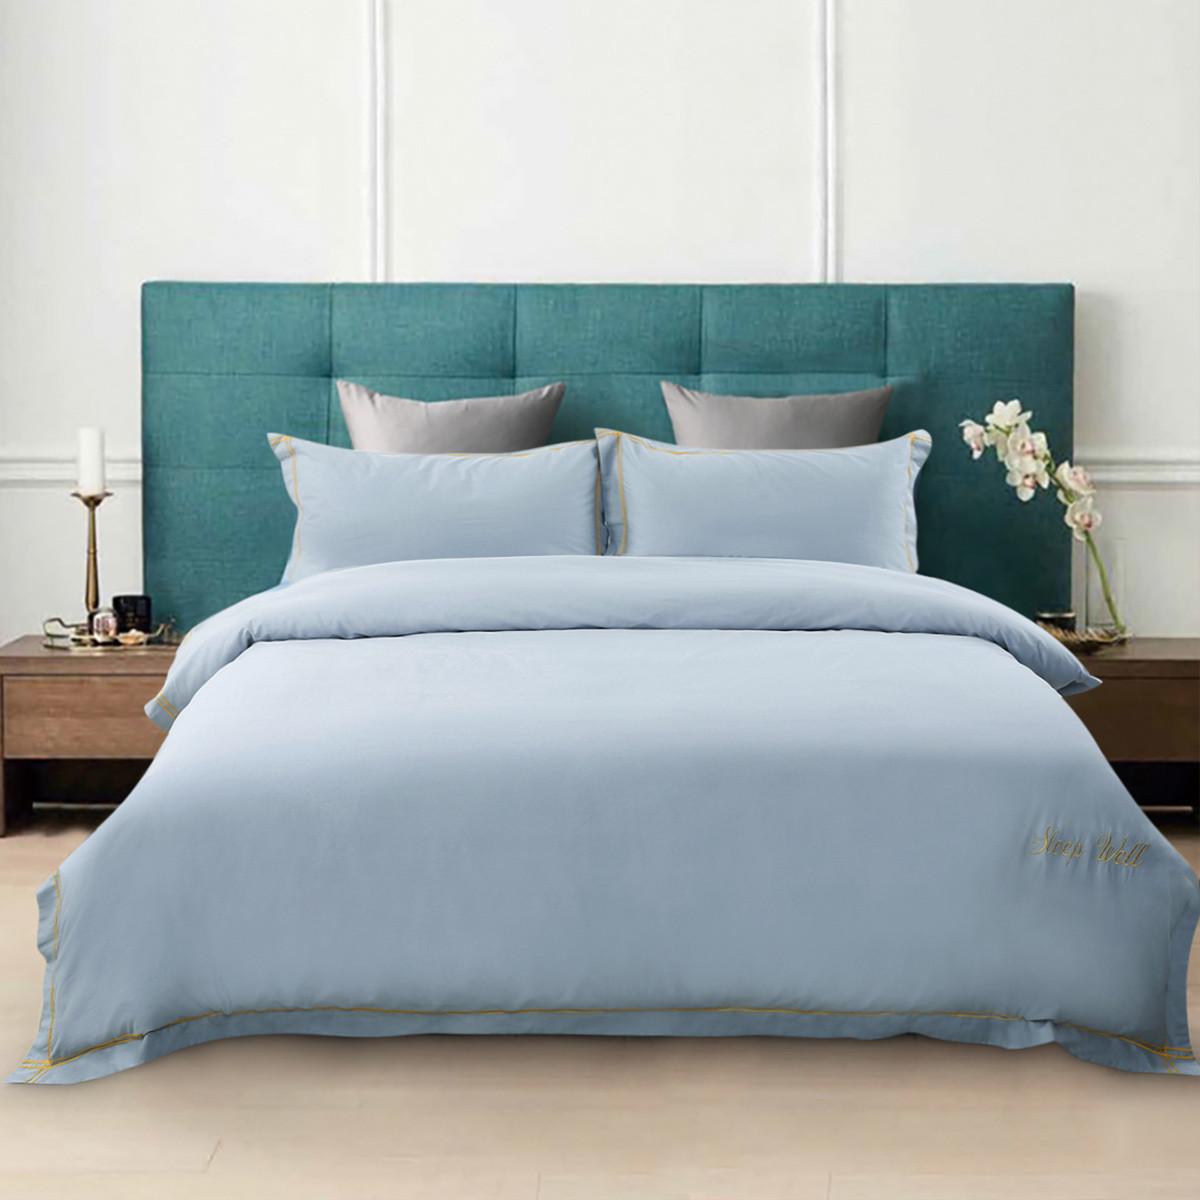 Ramada全棉纯色刺绣床单被套秋冬保暖全棉套件床上用品纯棉四件套BS171043L